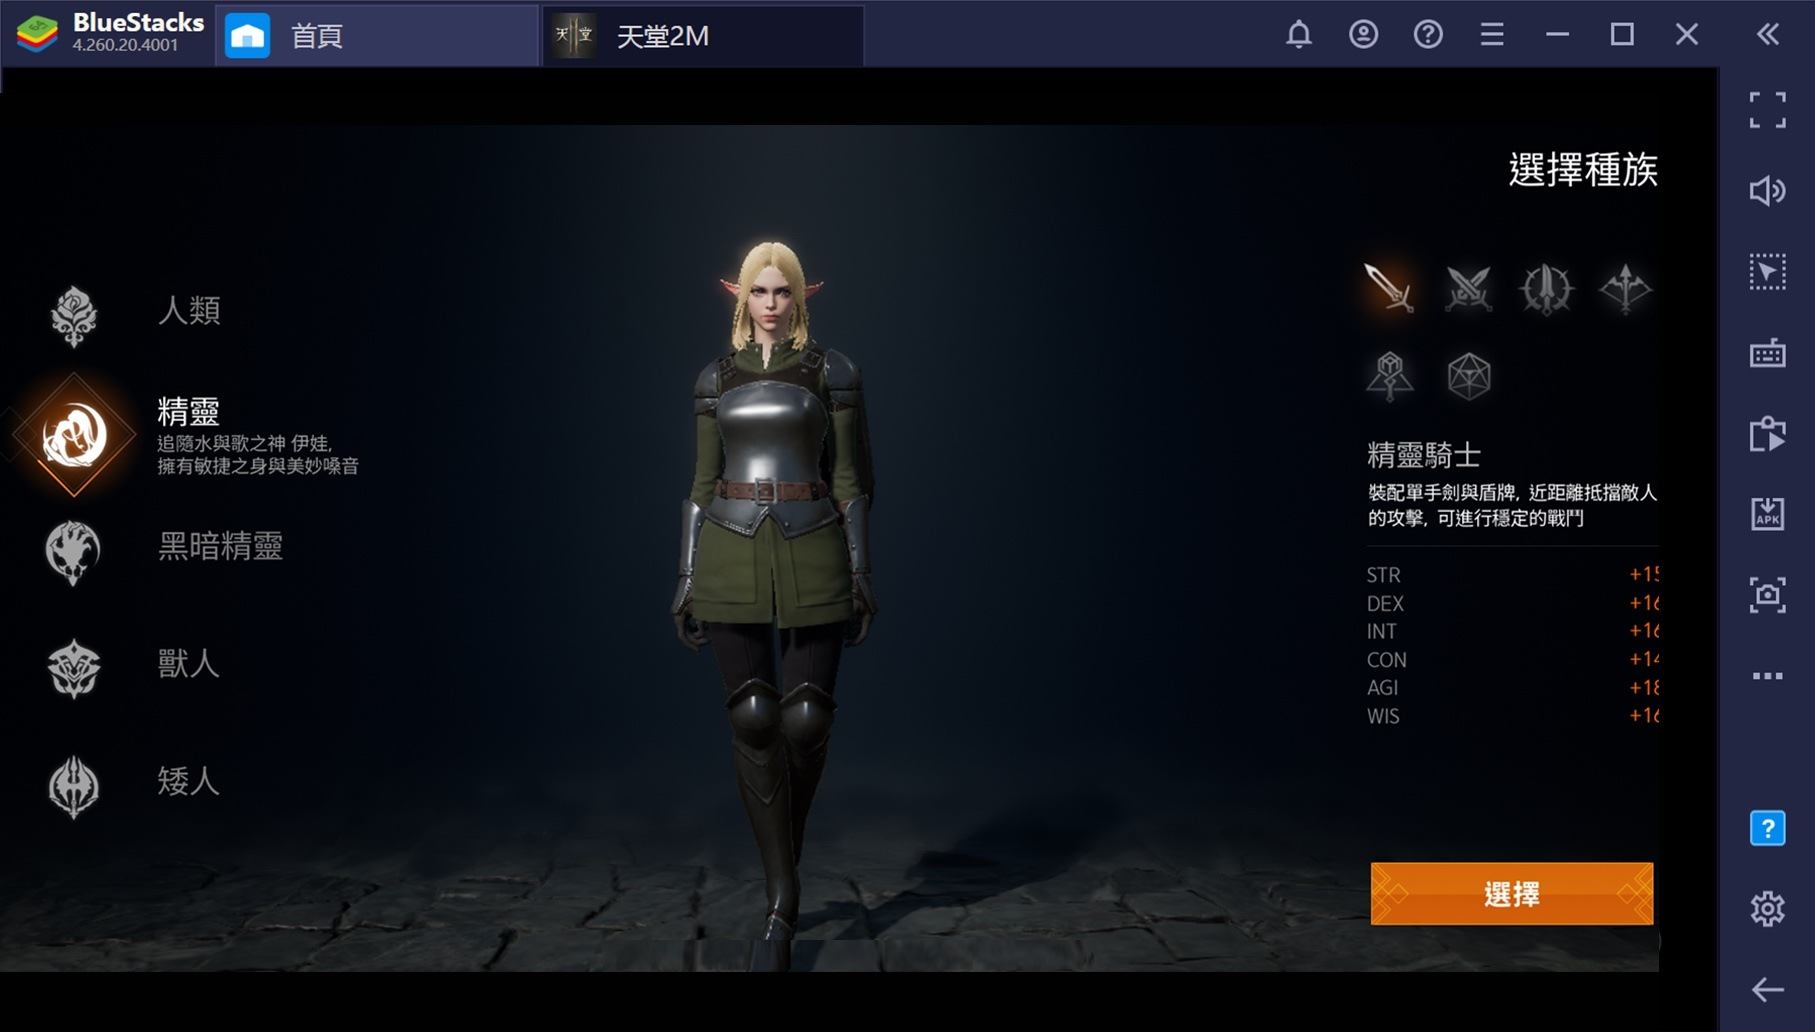 如何用BlueStacks在PC上玩手機遊戲《天堂2M》